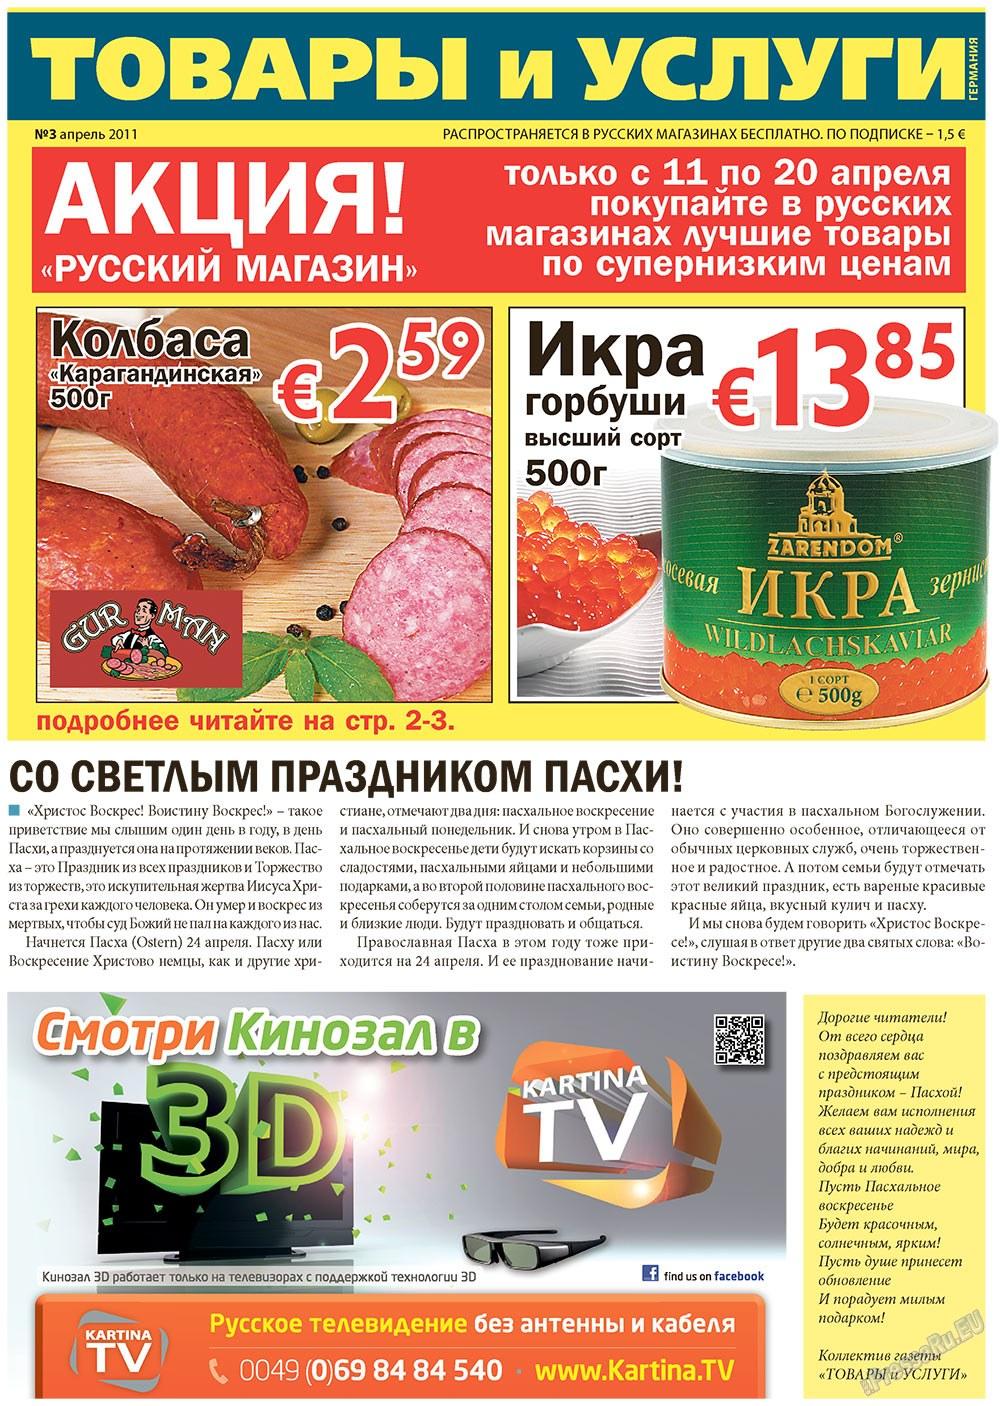 Товары и услуги (газета). 2011 год, номер 3, стр. 1